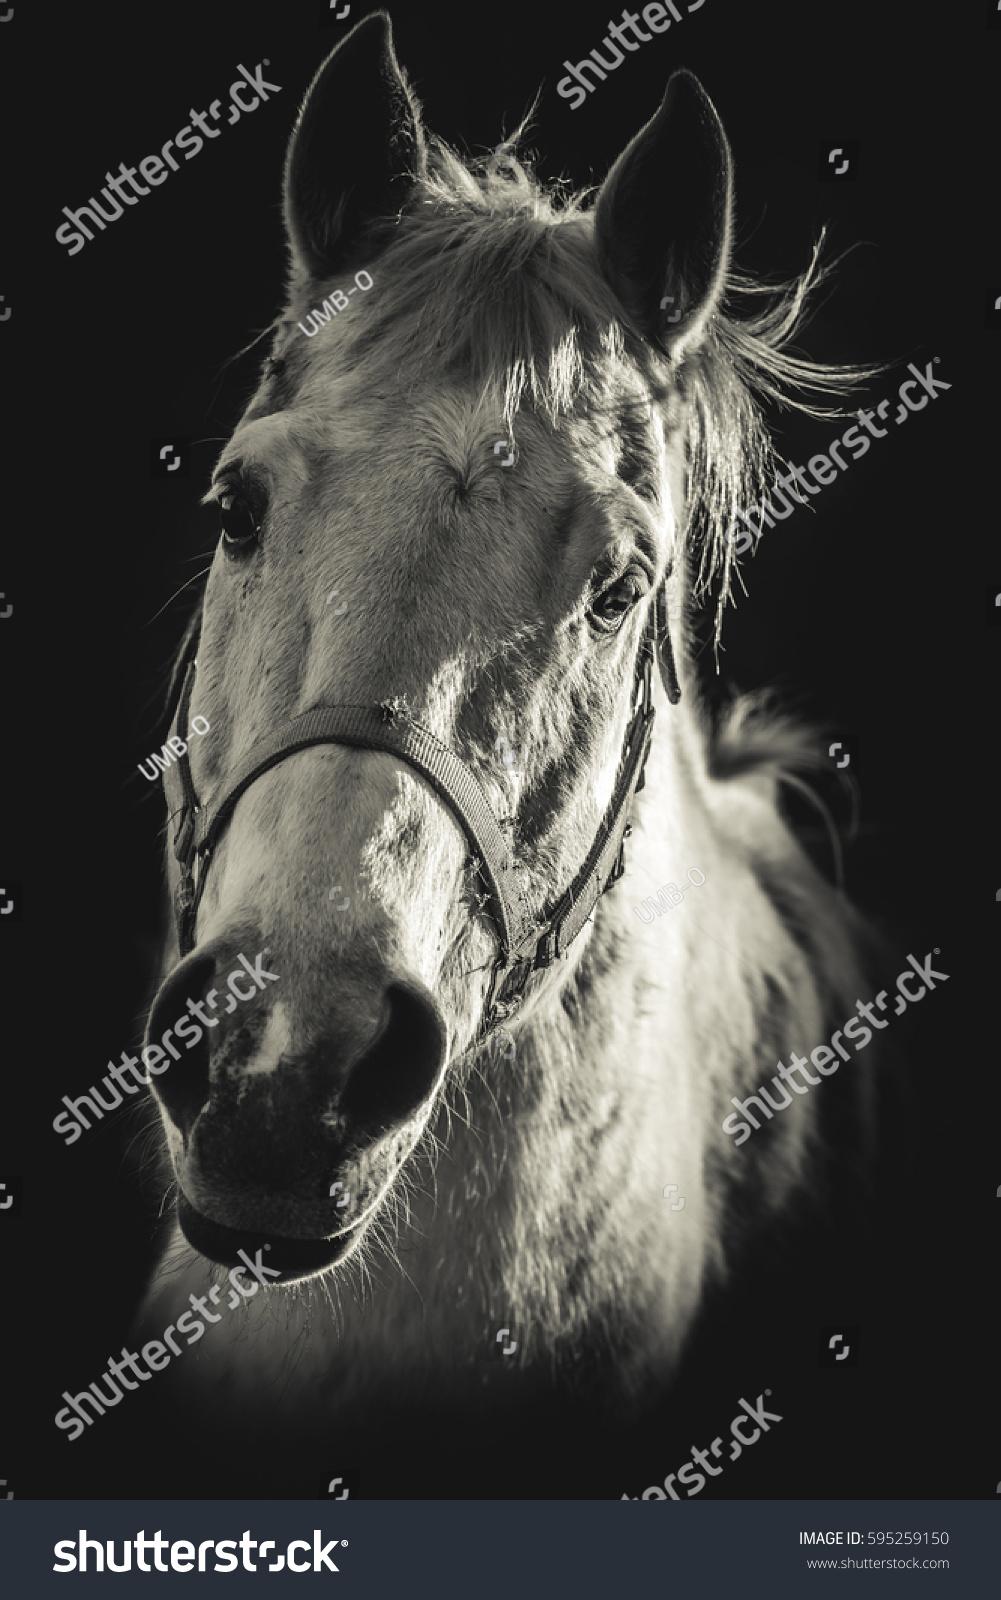 Horse portrait black and white photo